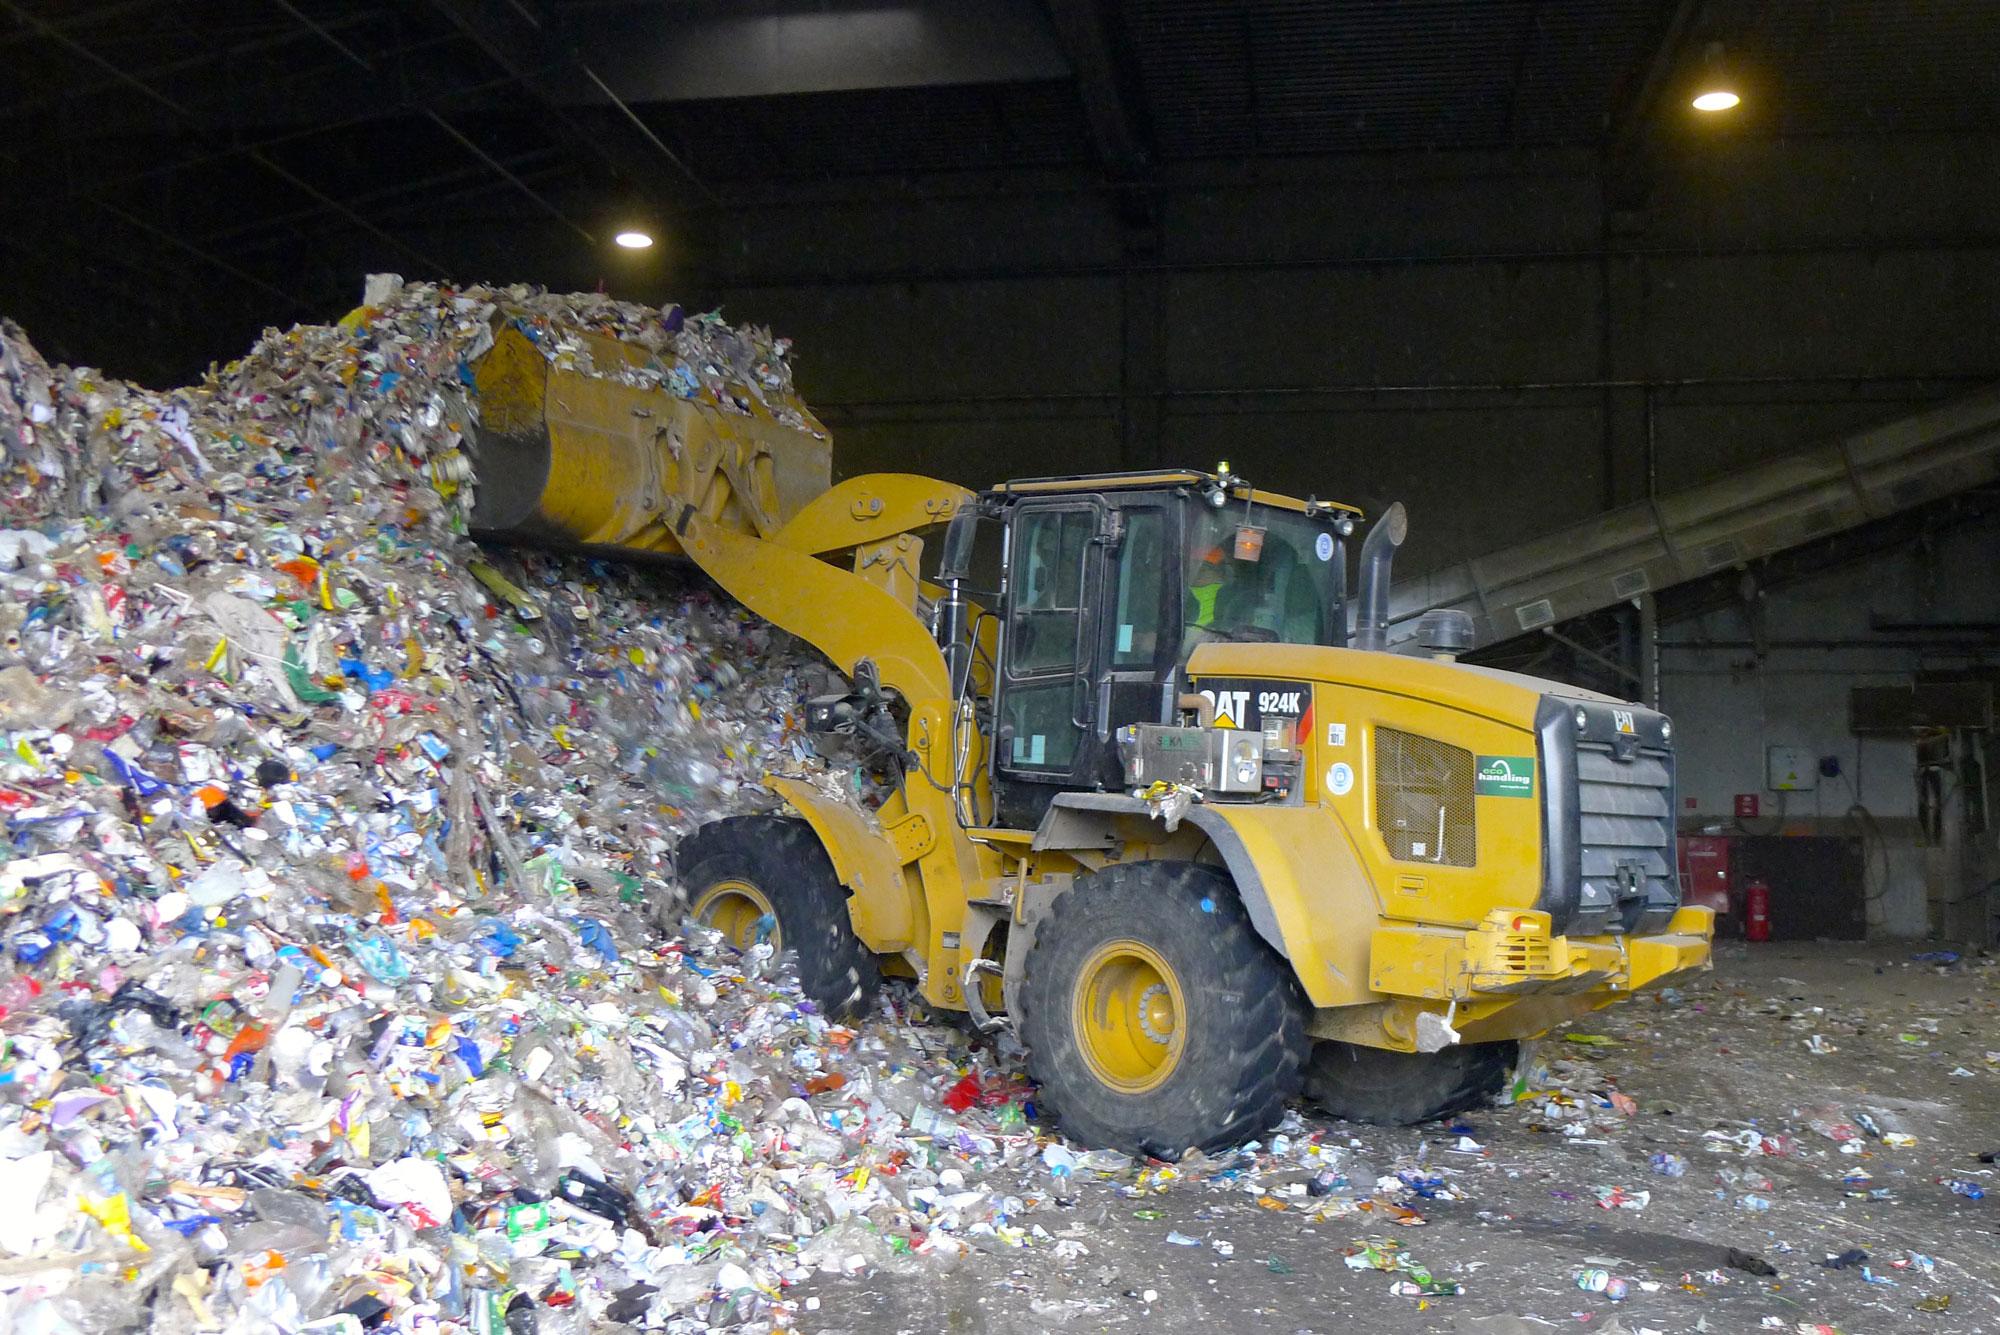 Kunststoffe, Papier, Glas, Altholz, Kompost sowie Metall werden aufbereitet, sei es in Form von Sieben, Häckseln oder Brechen, und damit einer Wiederverwendung zugeführt